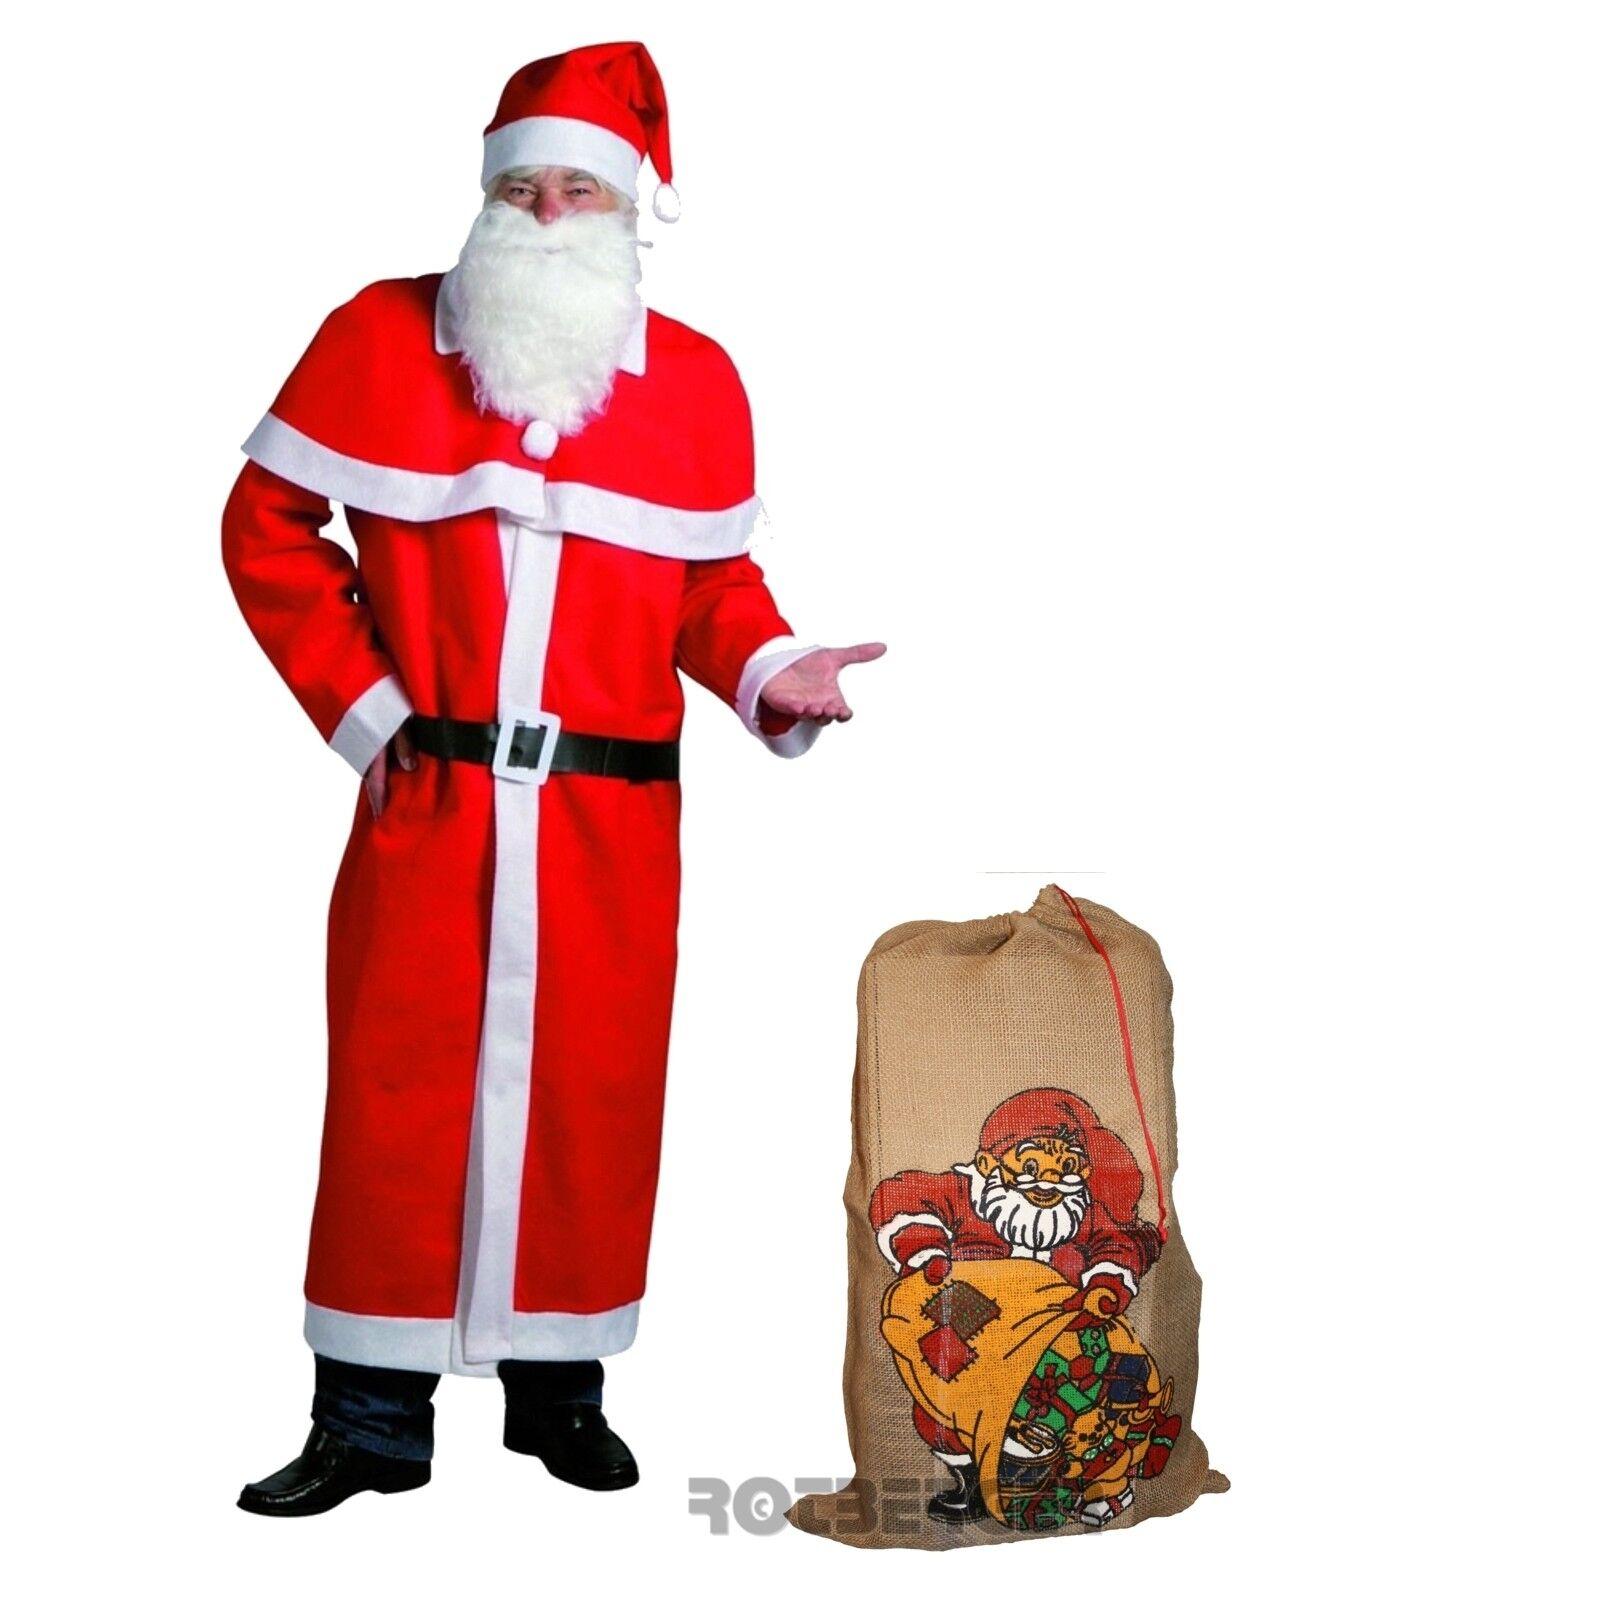 Weihnachtsmann Mantel Kostüm-Set 6-teilig großer Jutesack Weihnachtsmannmantel